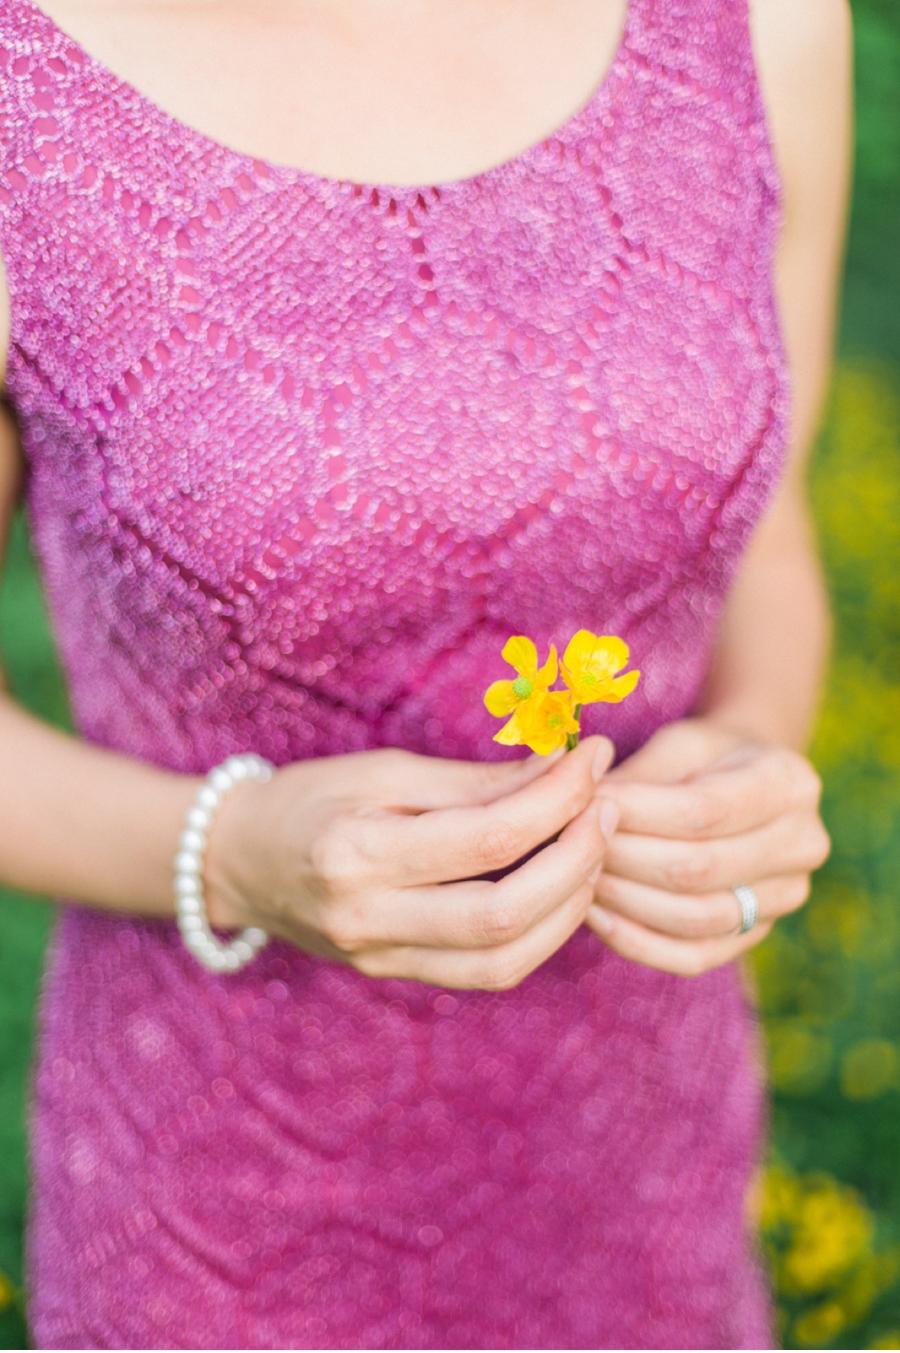 Fuscia-dress-with-yellow-wildflowers